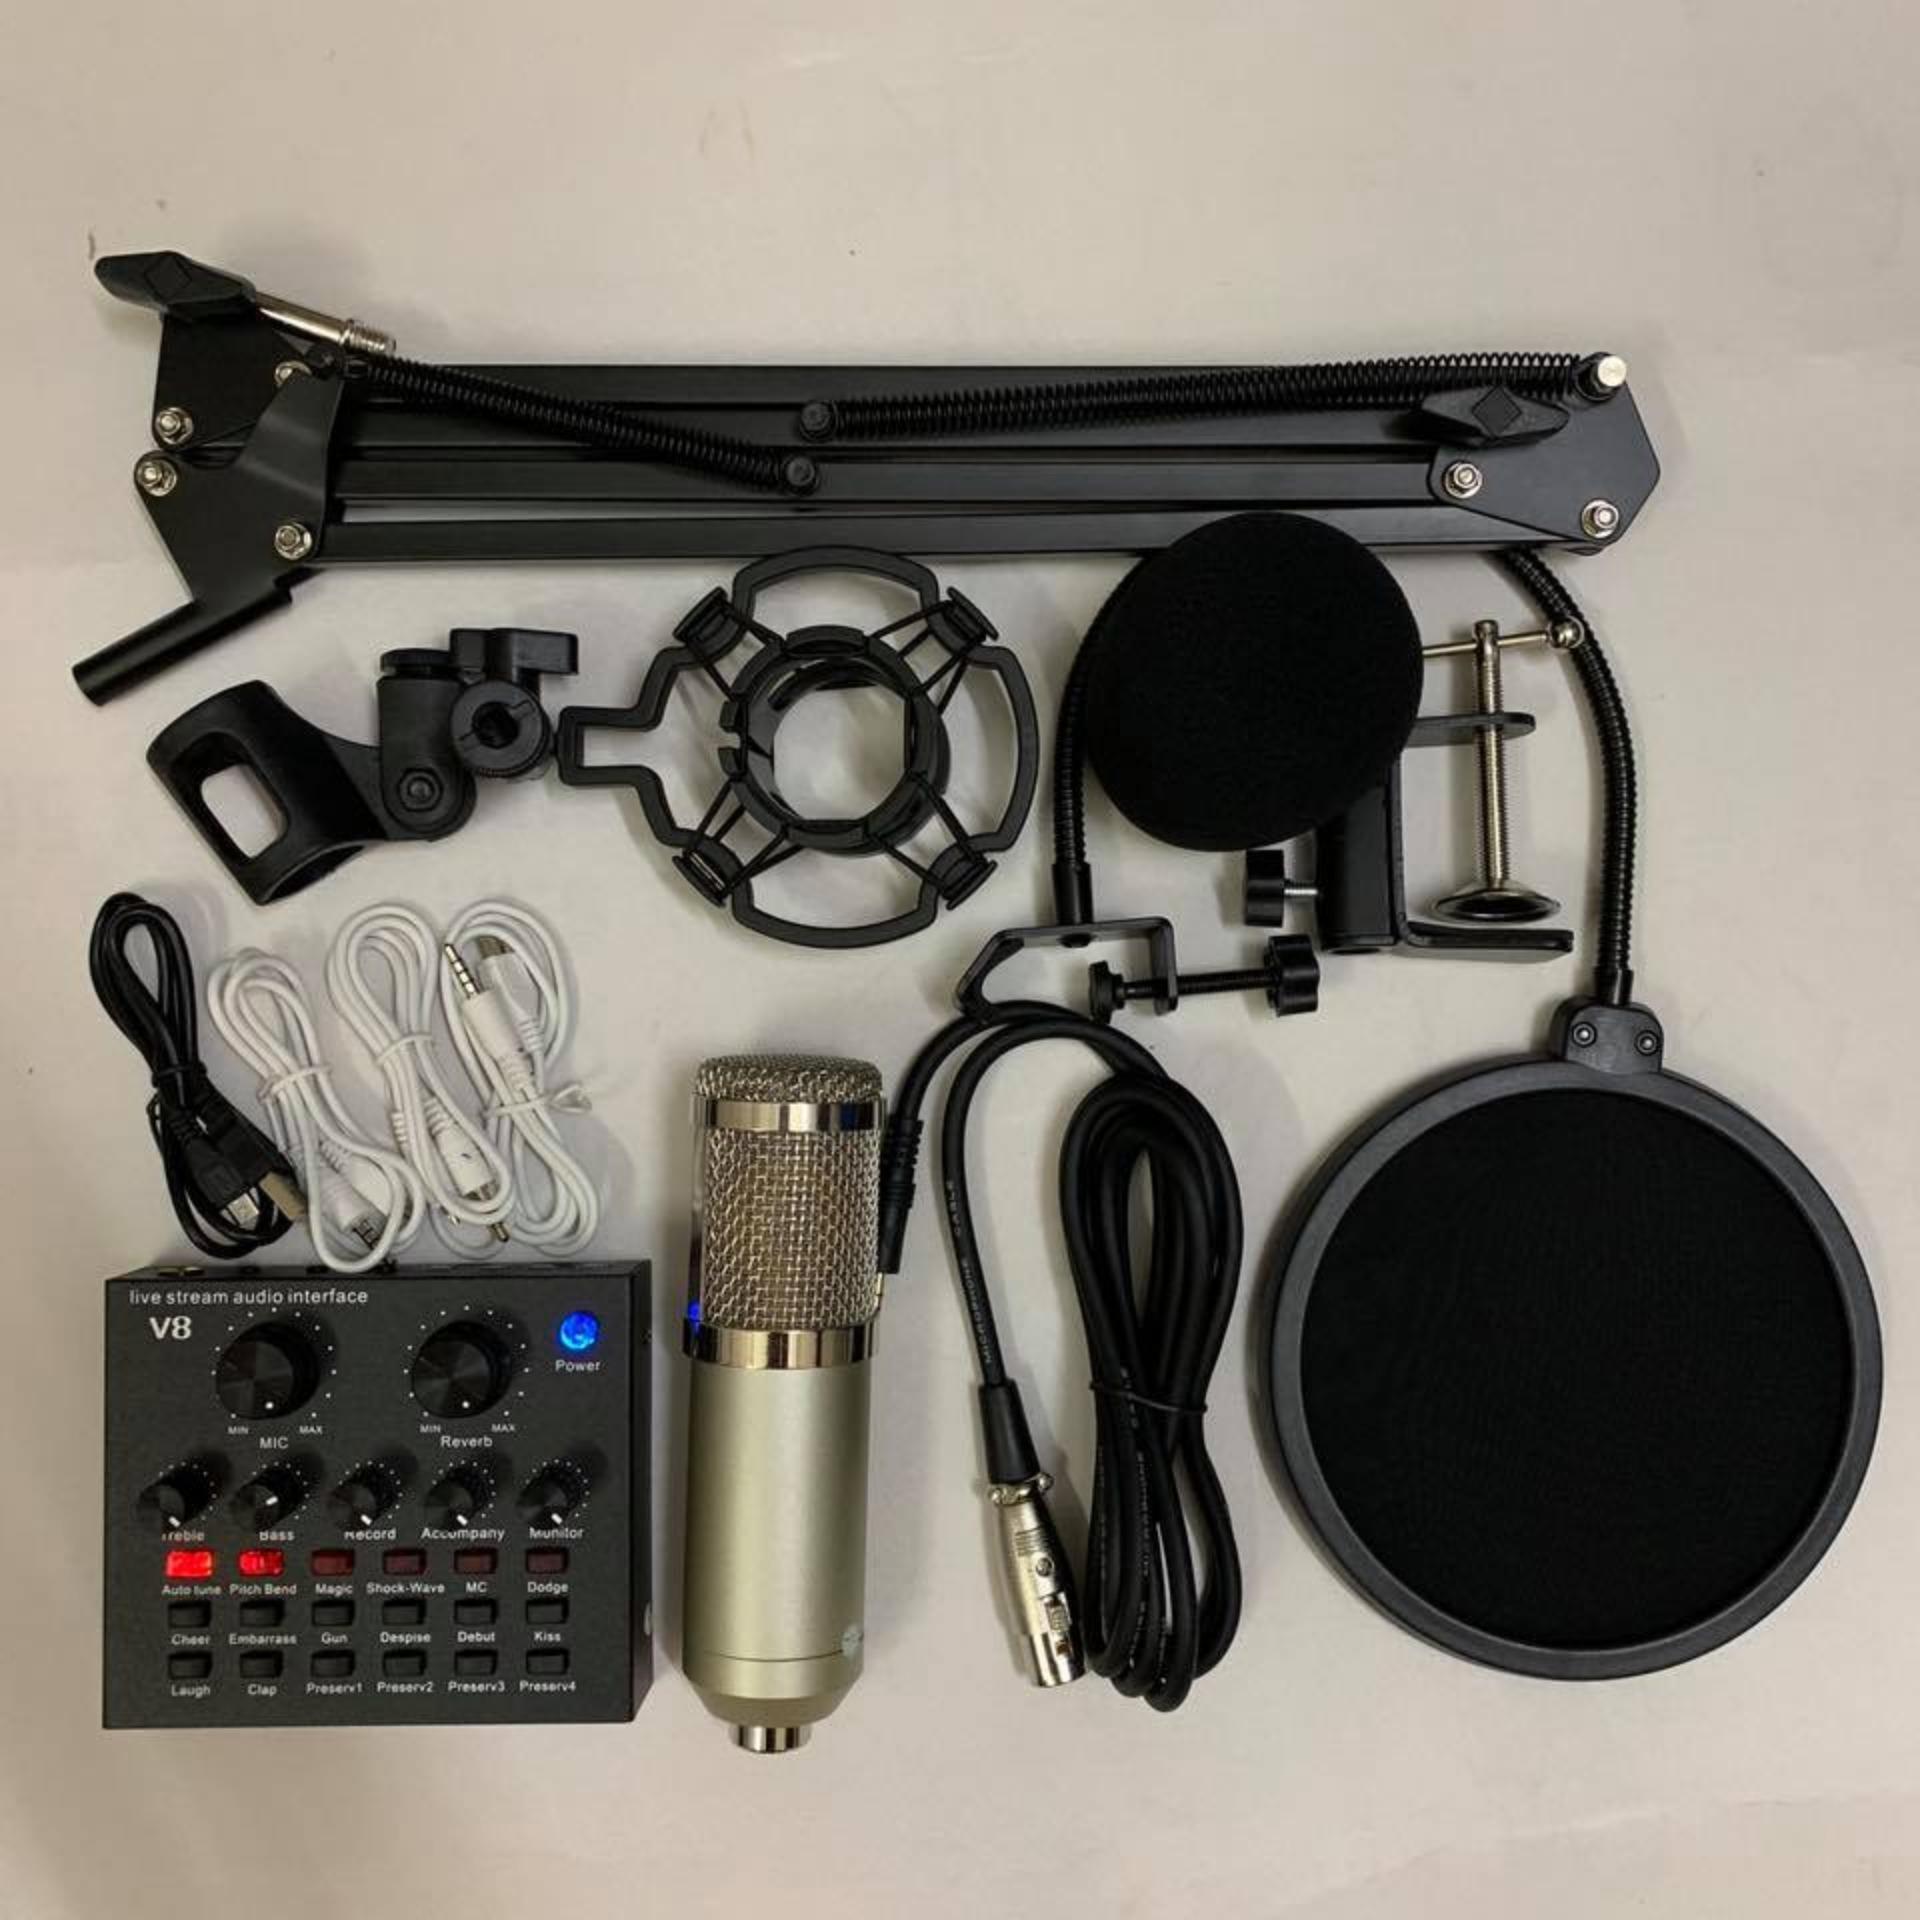 Hình ảnh Combo bộ mic thu âm livestream karaoke bm800 V8 chân kẹp màng lọc